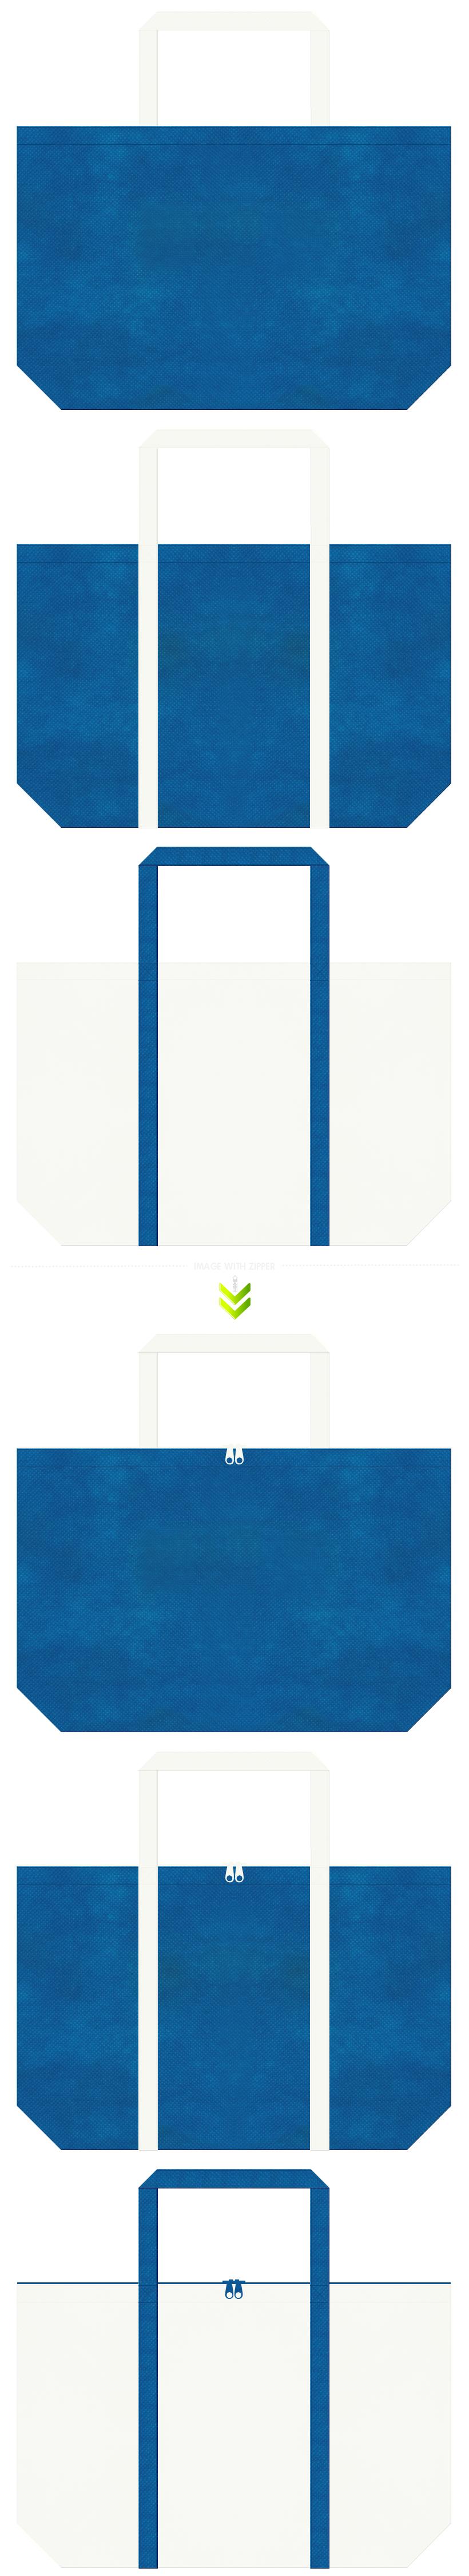 青色とオフホワイト色の不織布エコバッグのデザイン。ボート・ヨット・人工知能・水素・LEDのイメージにお奨めの配色です。